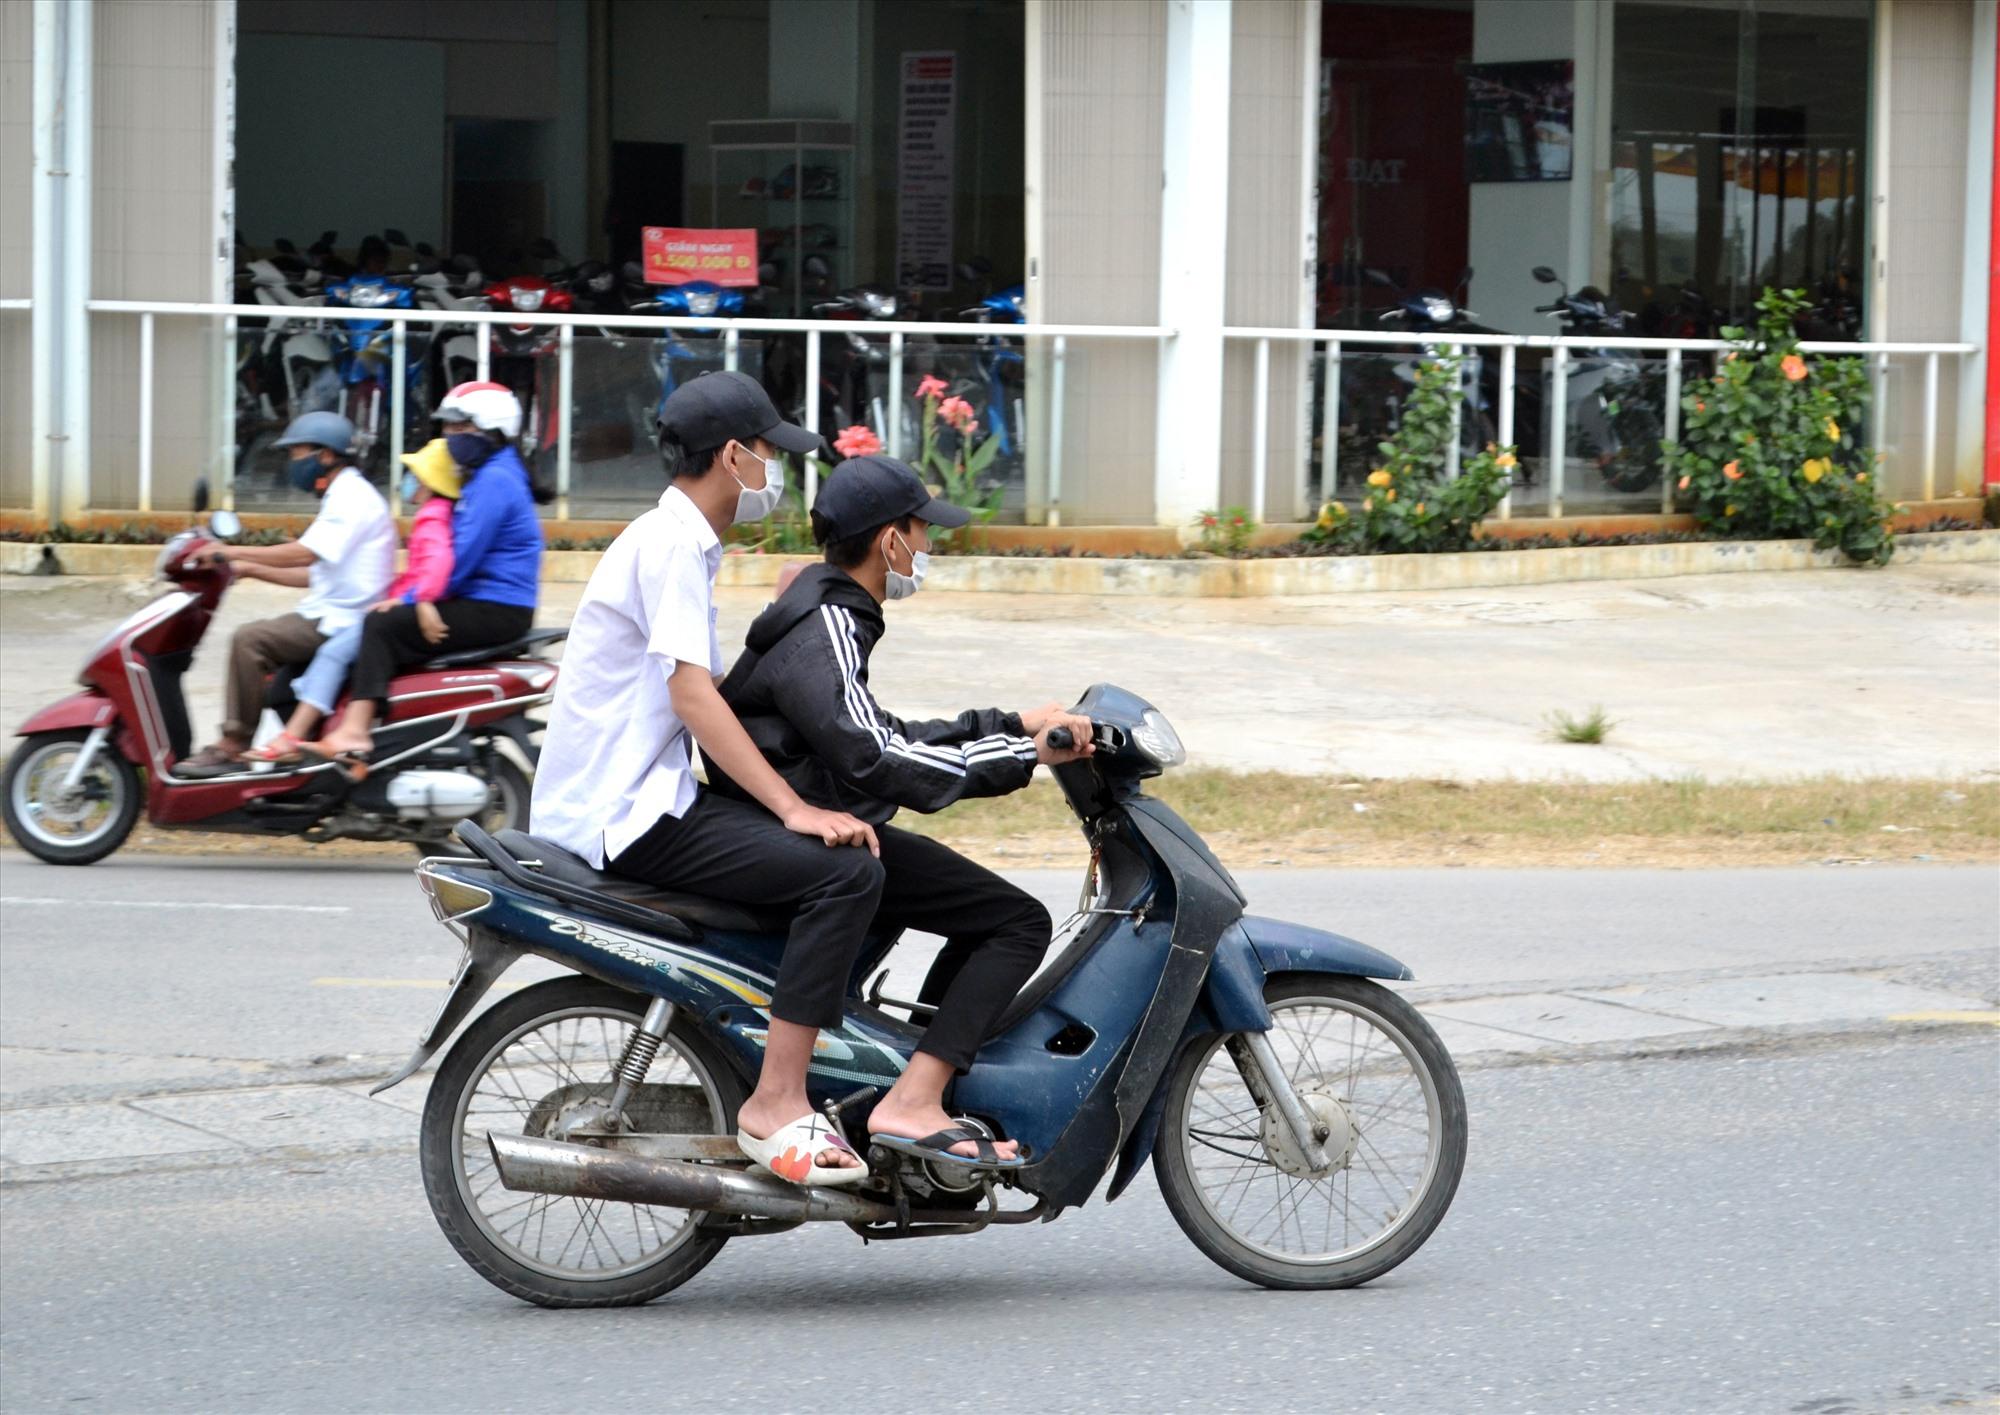 Học sinh chưa đủ tuổi vi phạm điều khiển xe máy, không đội mũ bảo hiểm diễn ra tràn lan. Ảnh: T.C.T